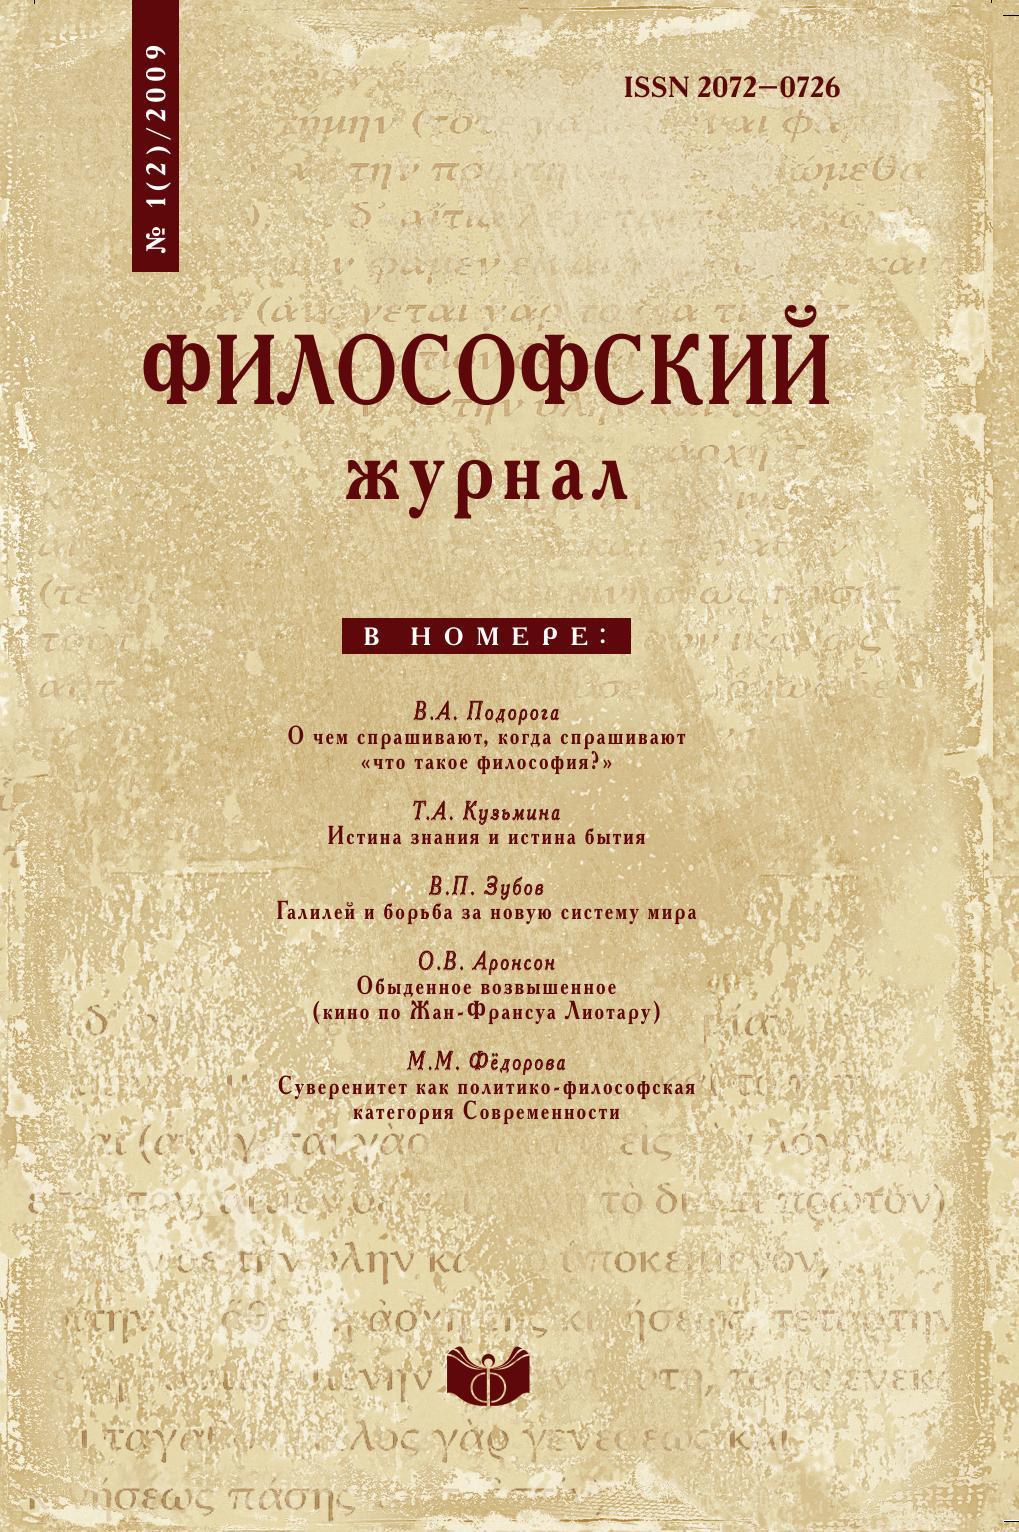 сборник Философский журнал. . 1(2) 2009